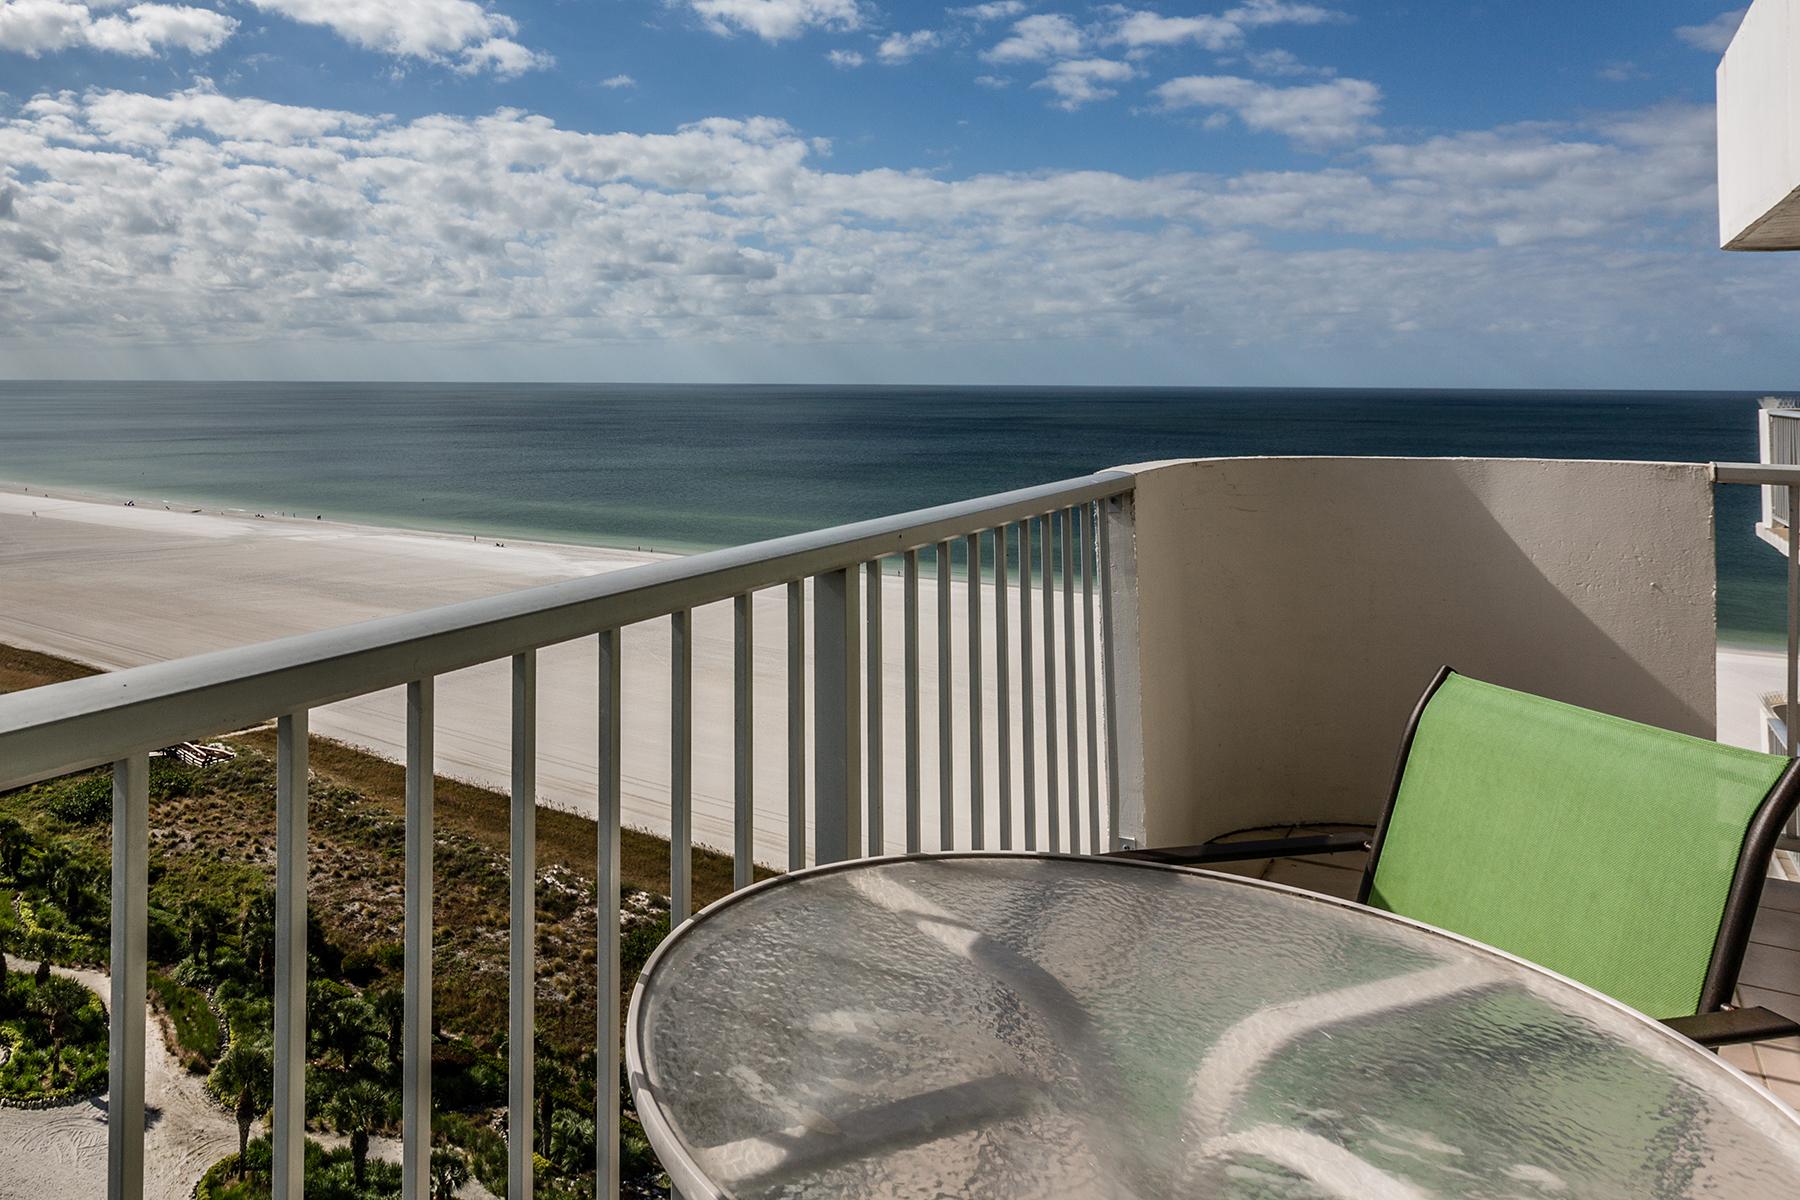 共管式独立产权公寓 为 销售 在 MARCO ISLAND - ADMIRALTY HOUSE 140 Seaview Ct 1806S 马可岛, 佛罗里达州, 34145 美国